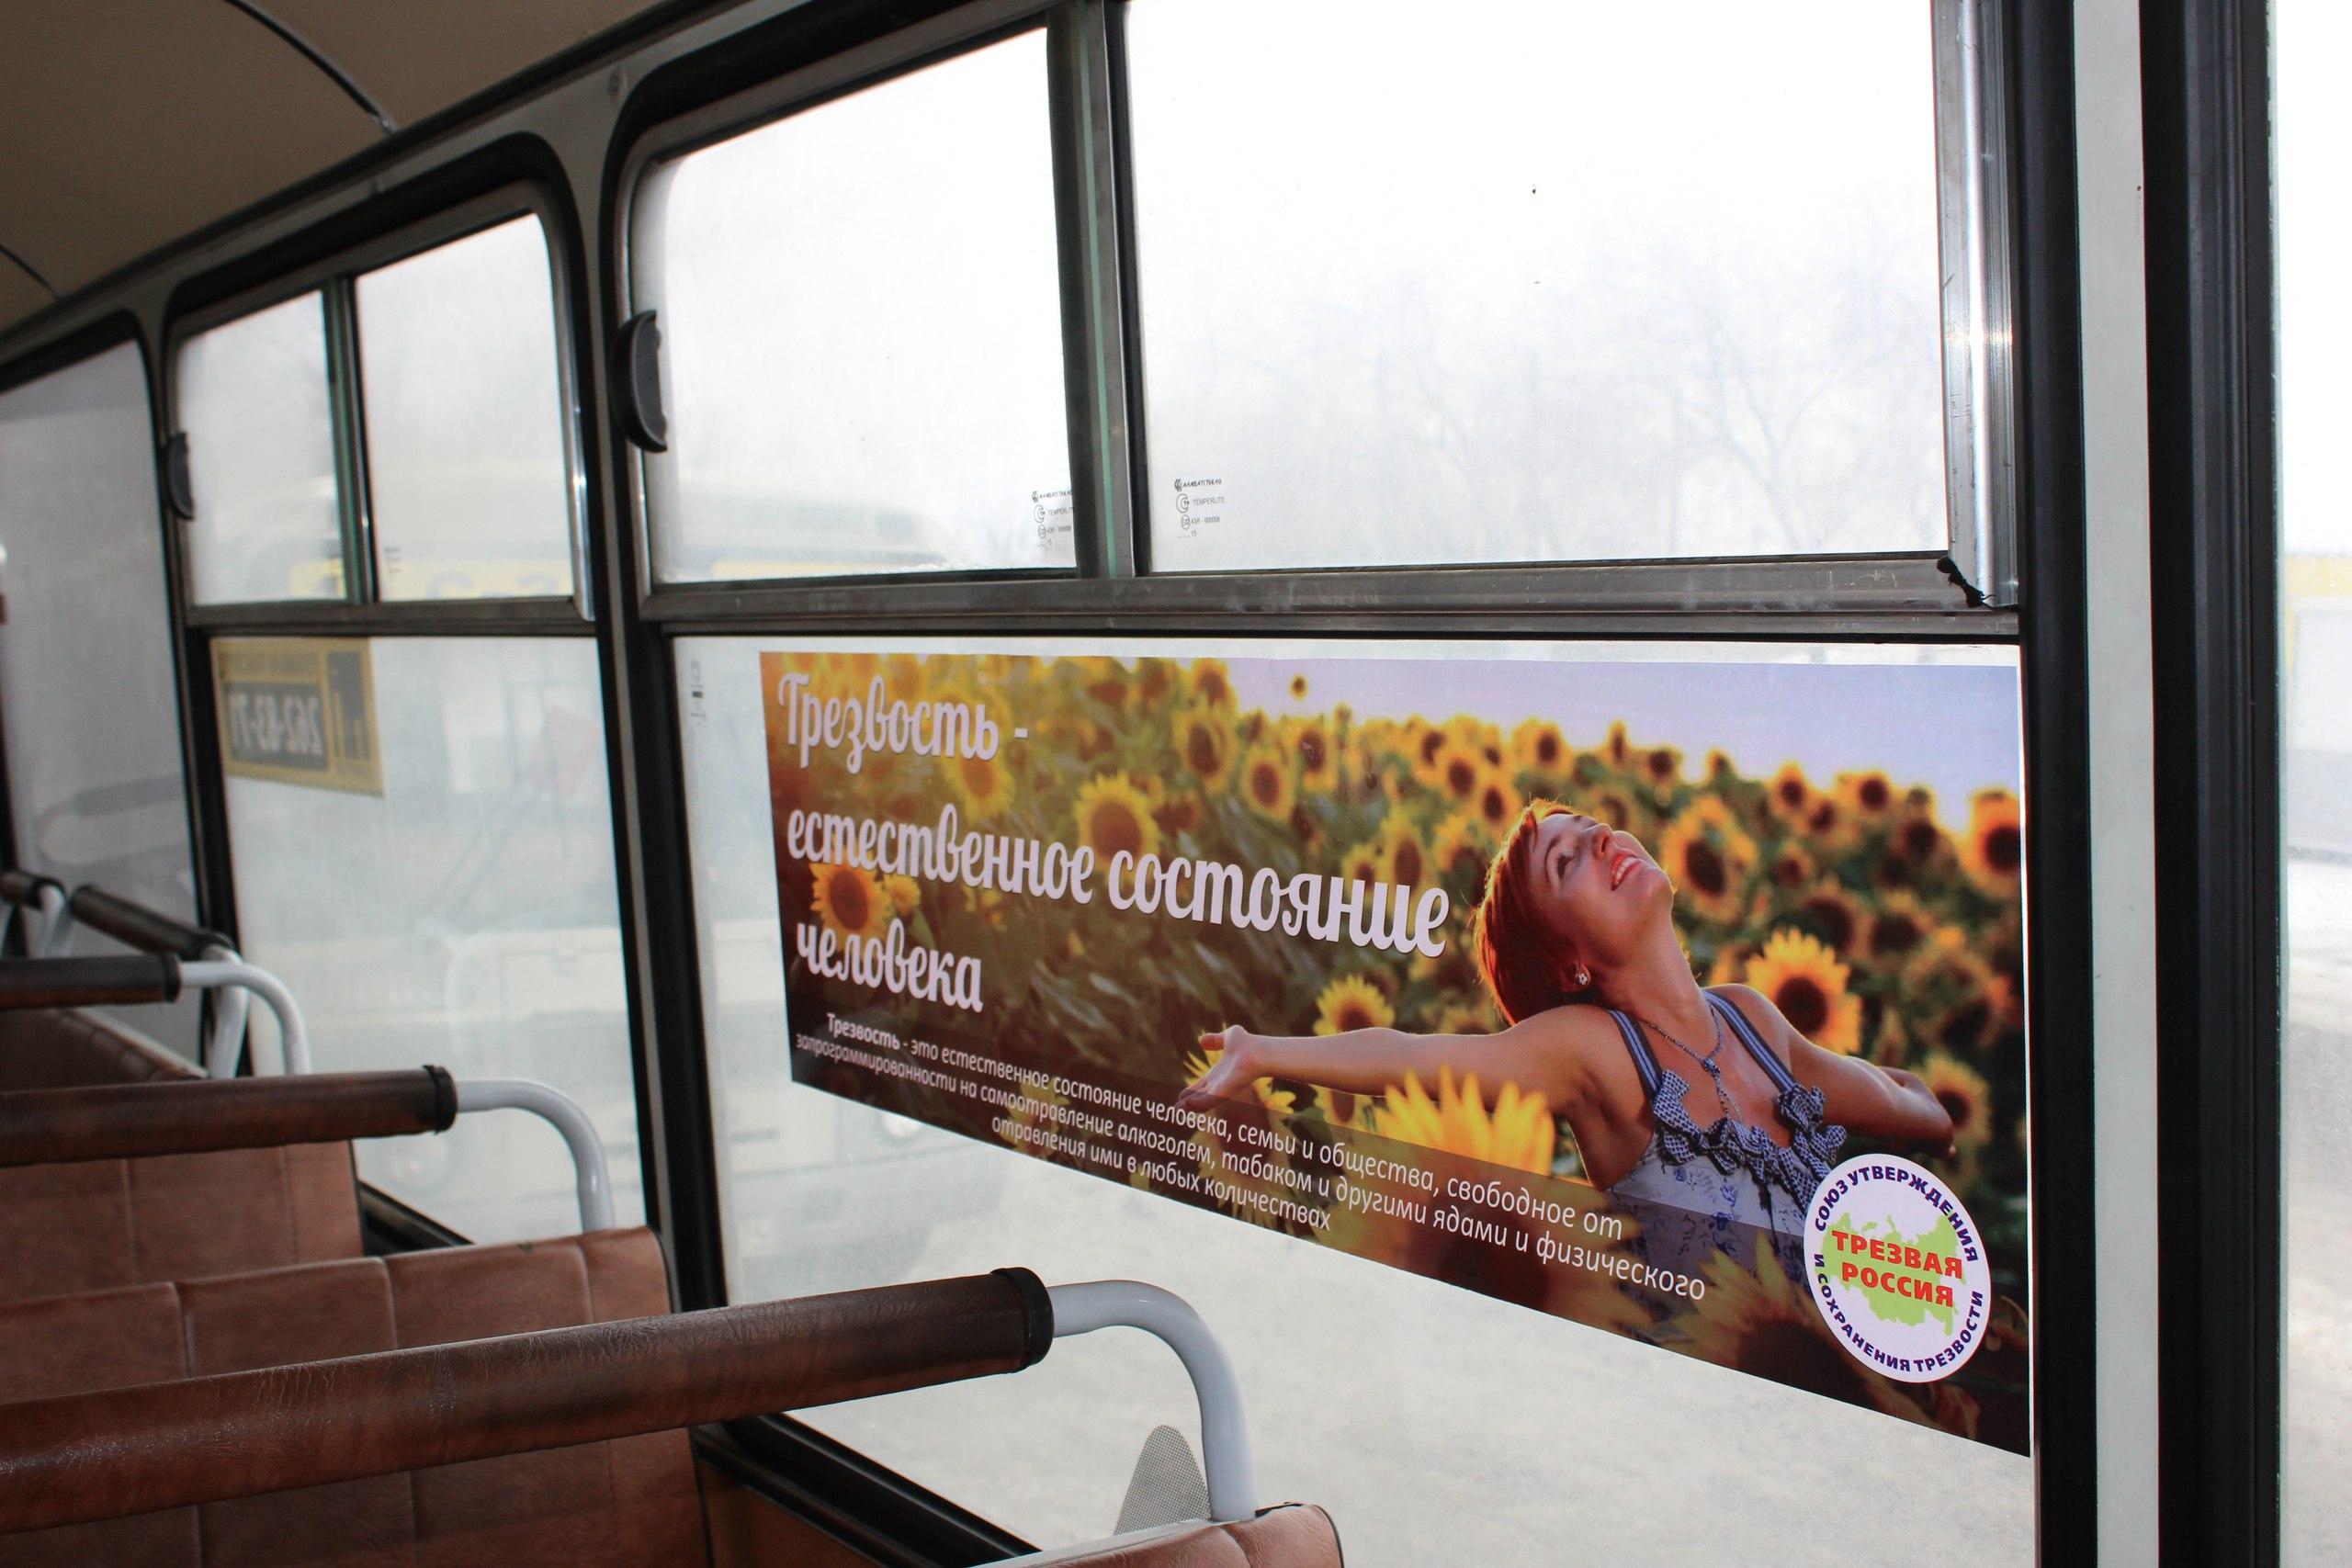 Социальная реклама за трезвость появилась в автобусах Челябинска